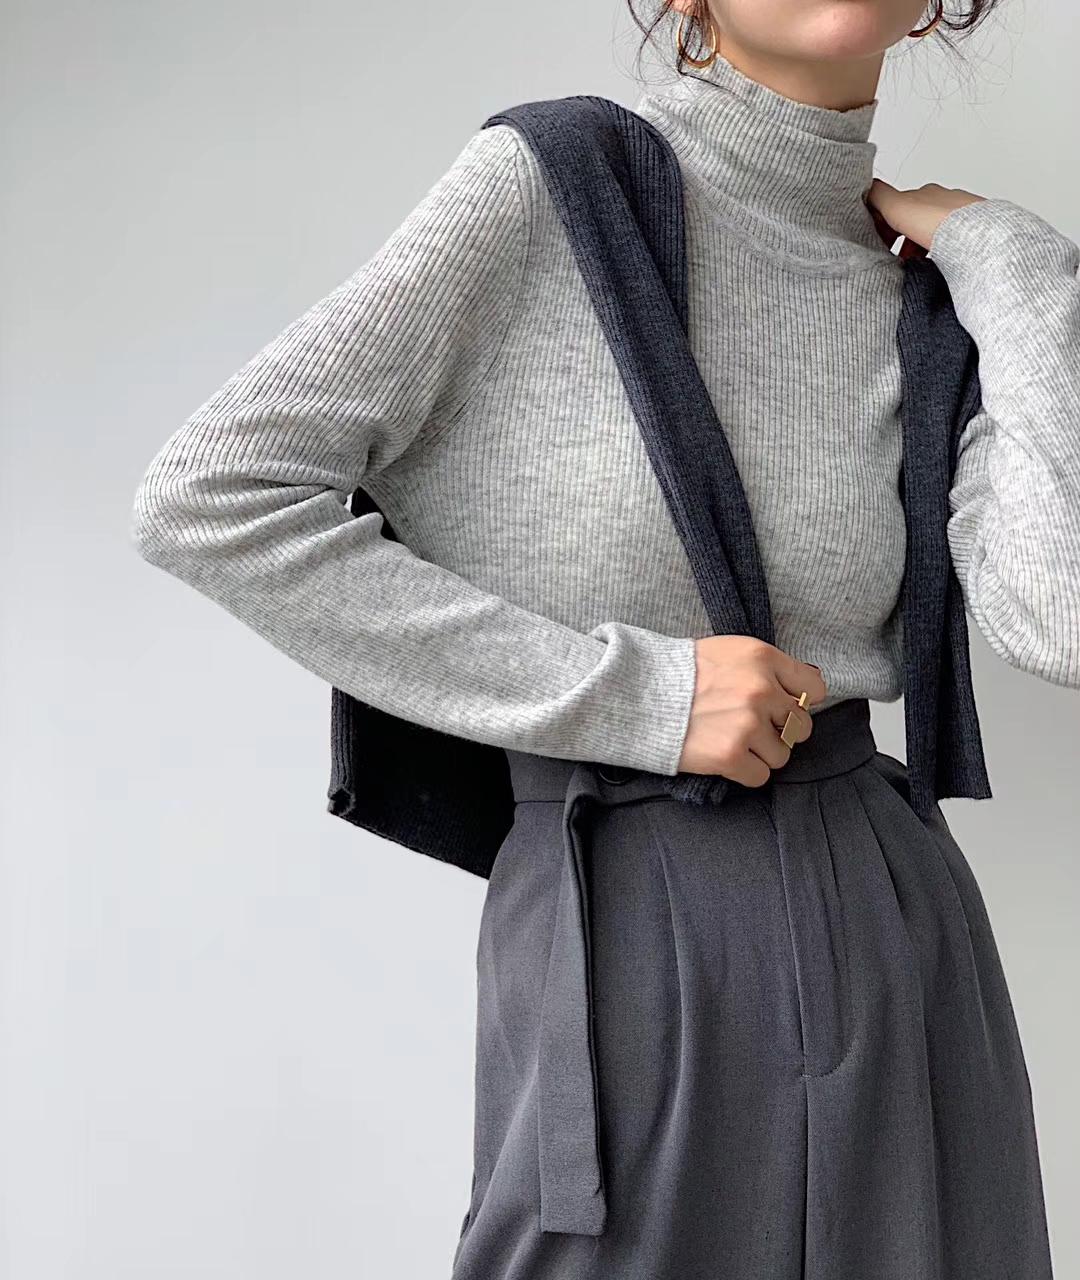 韩国百搭高弹薄款羊毛毛衣针织衫2019纯色新款修身秋冬套头高领女